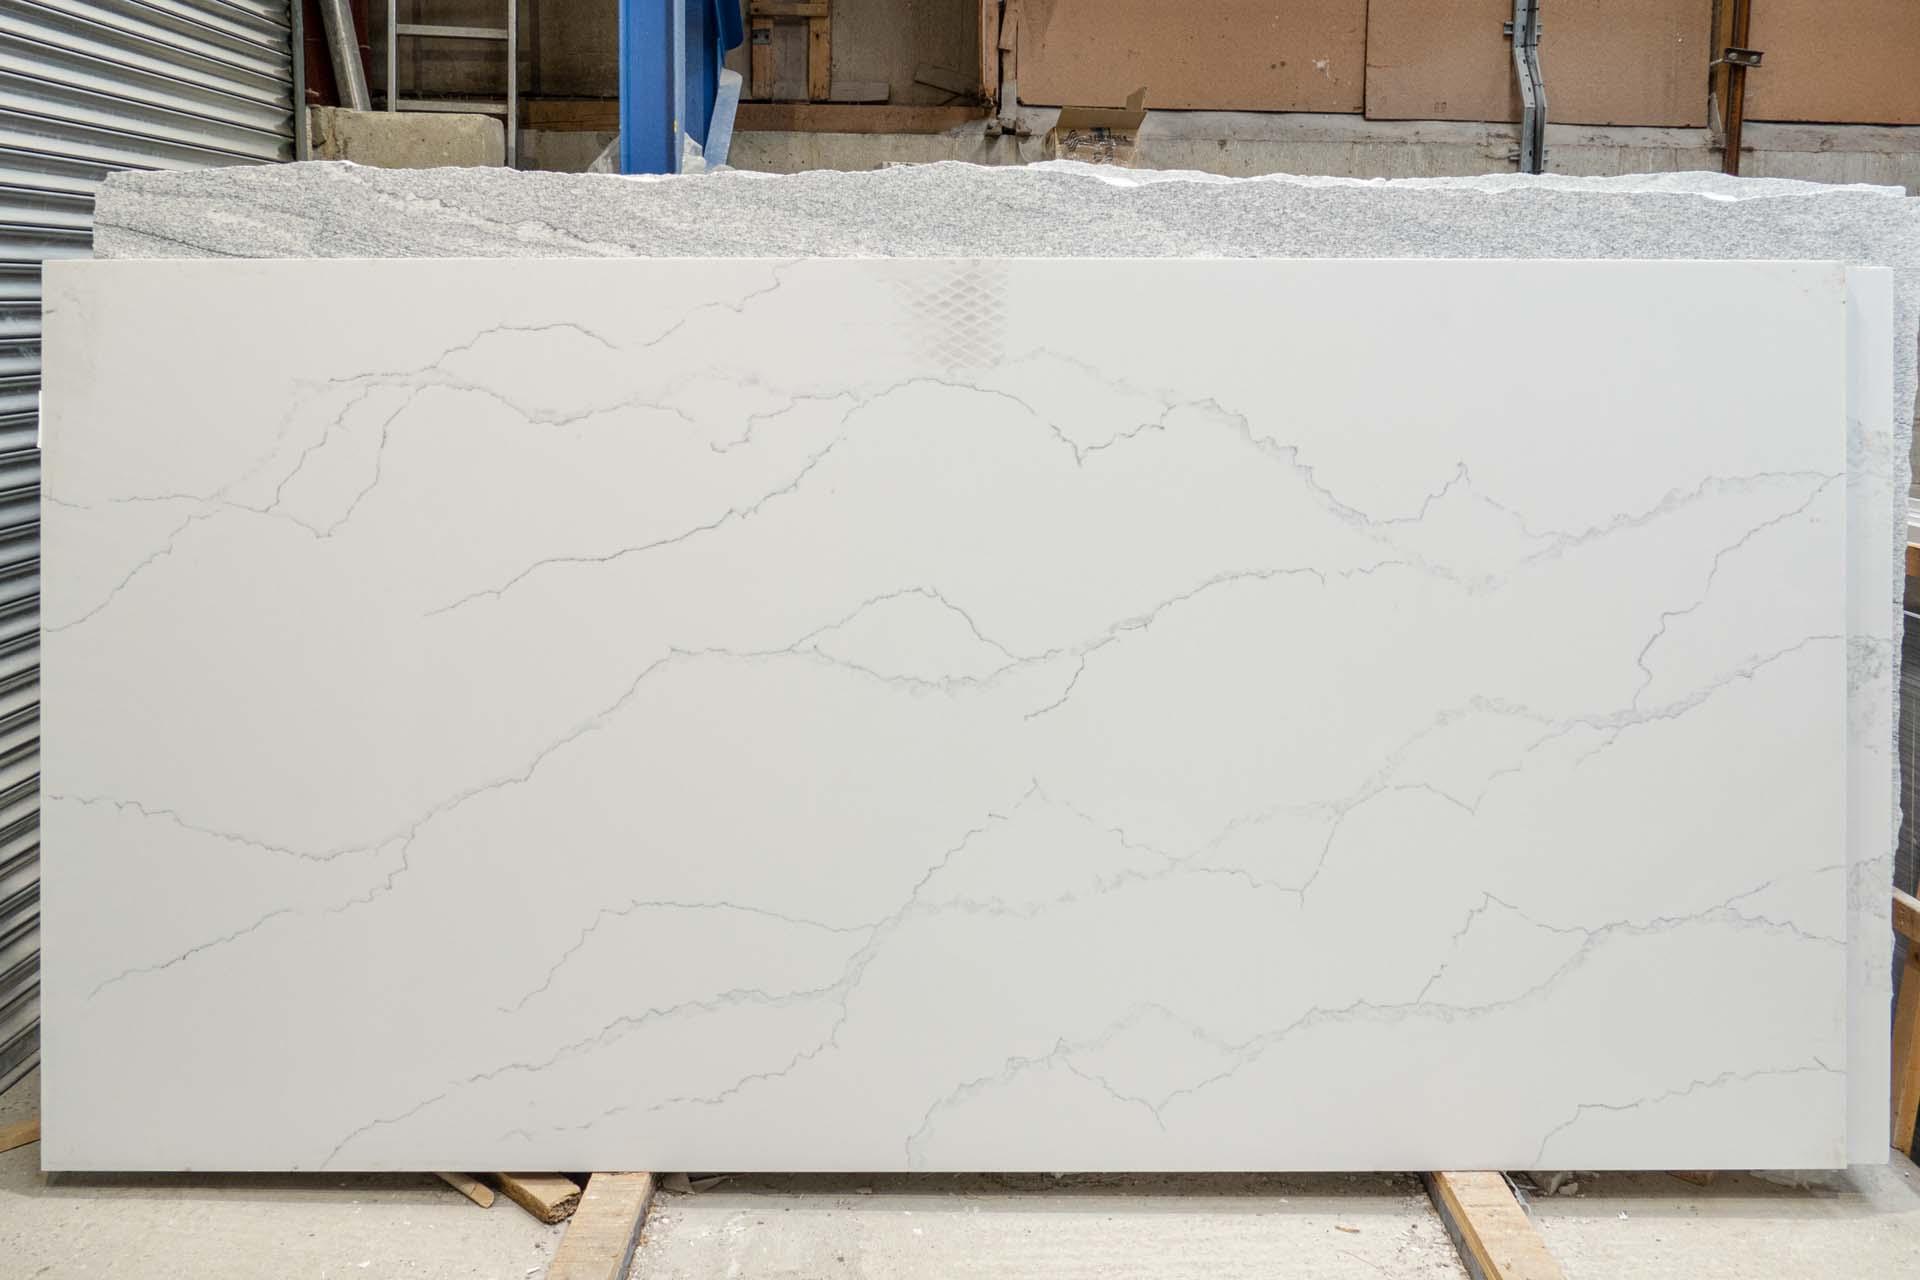 bloomstone statuario premium granite and quartz worktops bs190521 35665 152918a